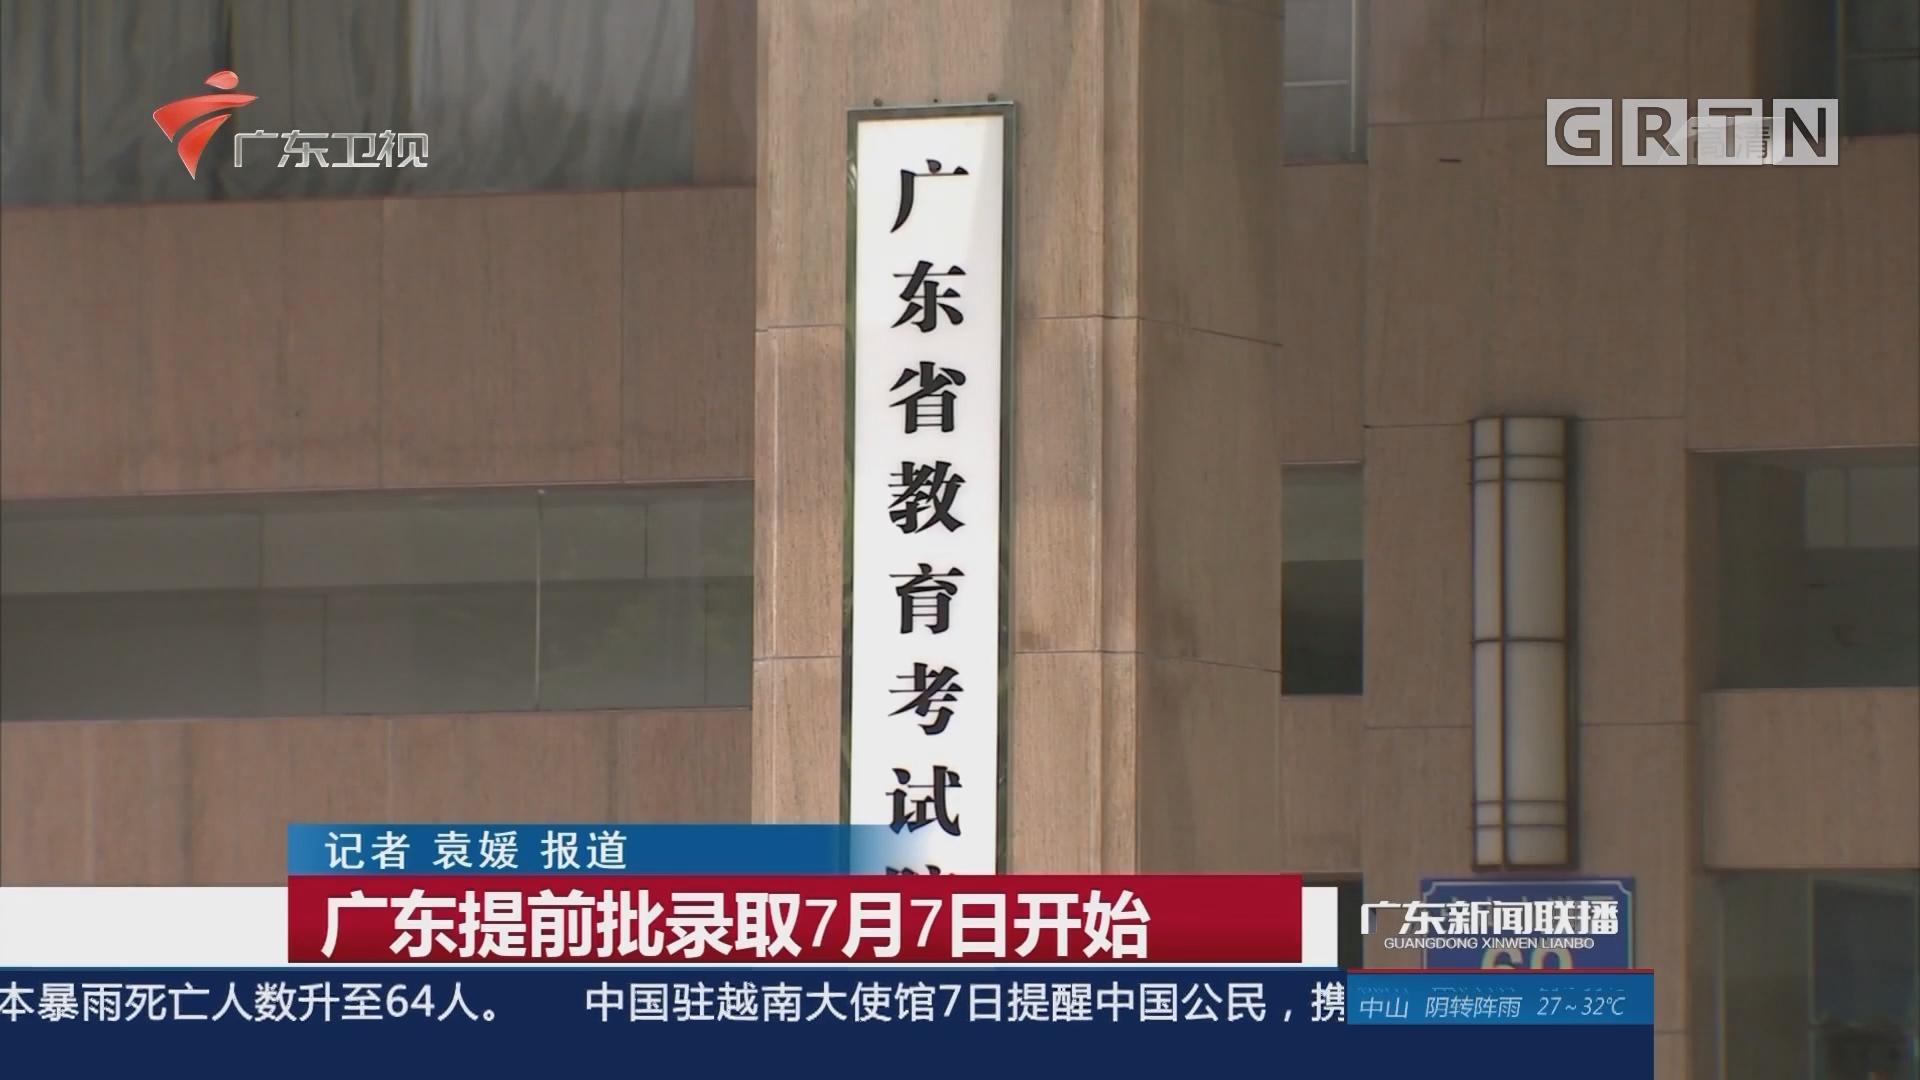 广东提前批录取7月7日开始